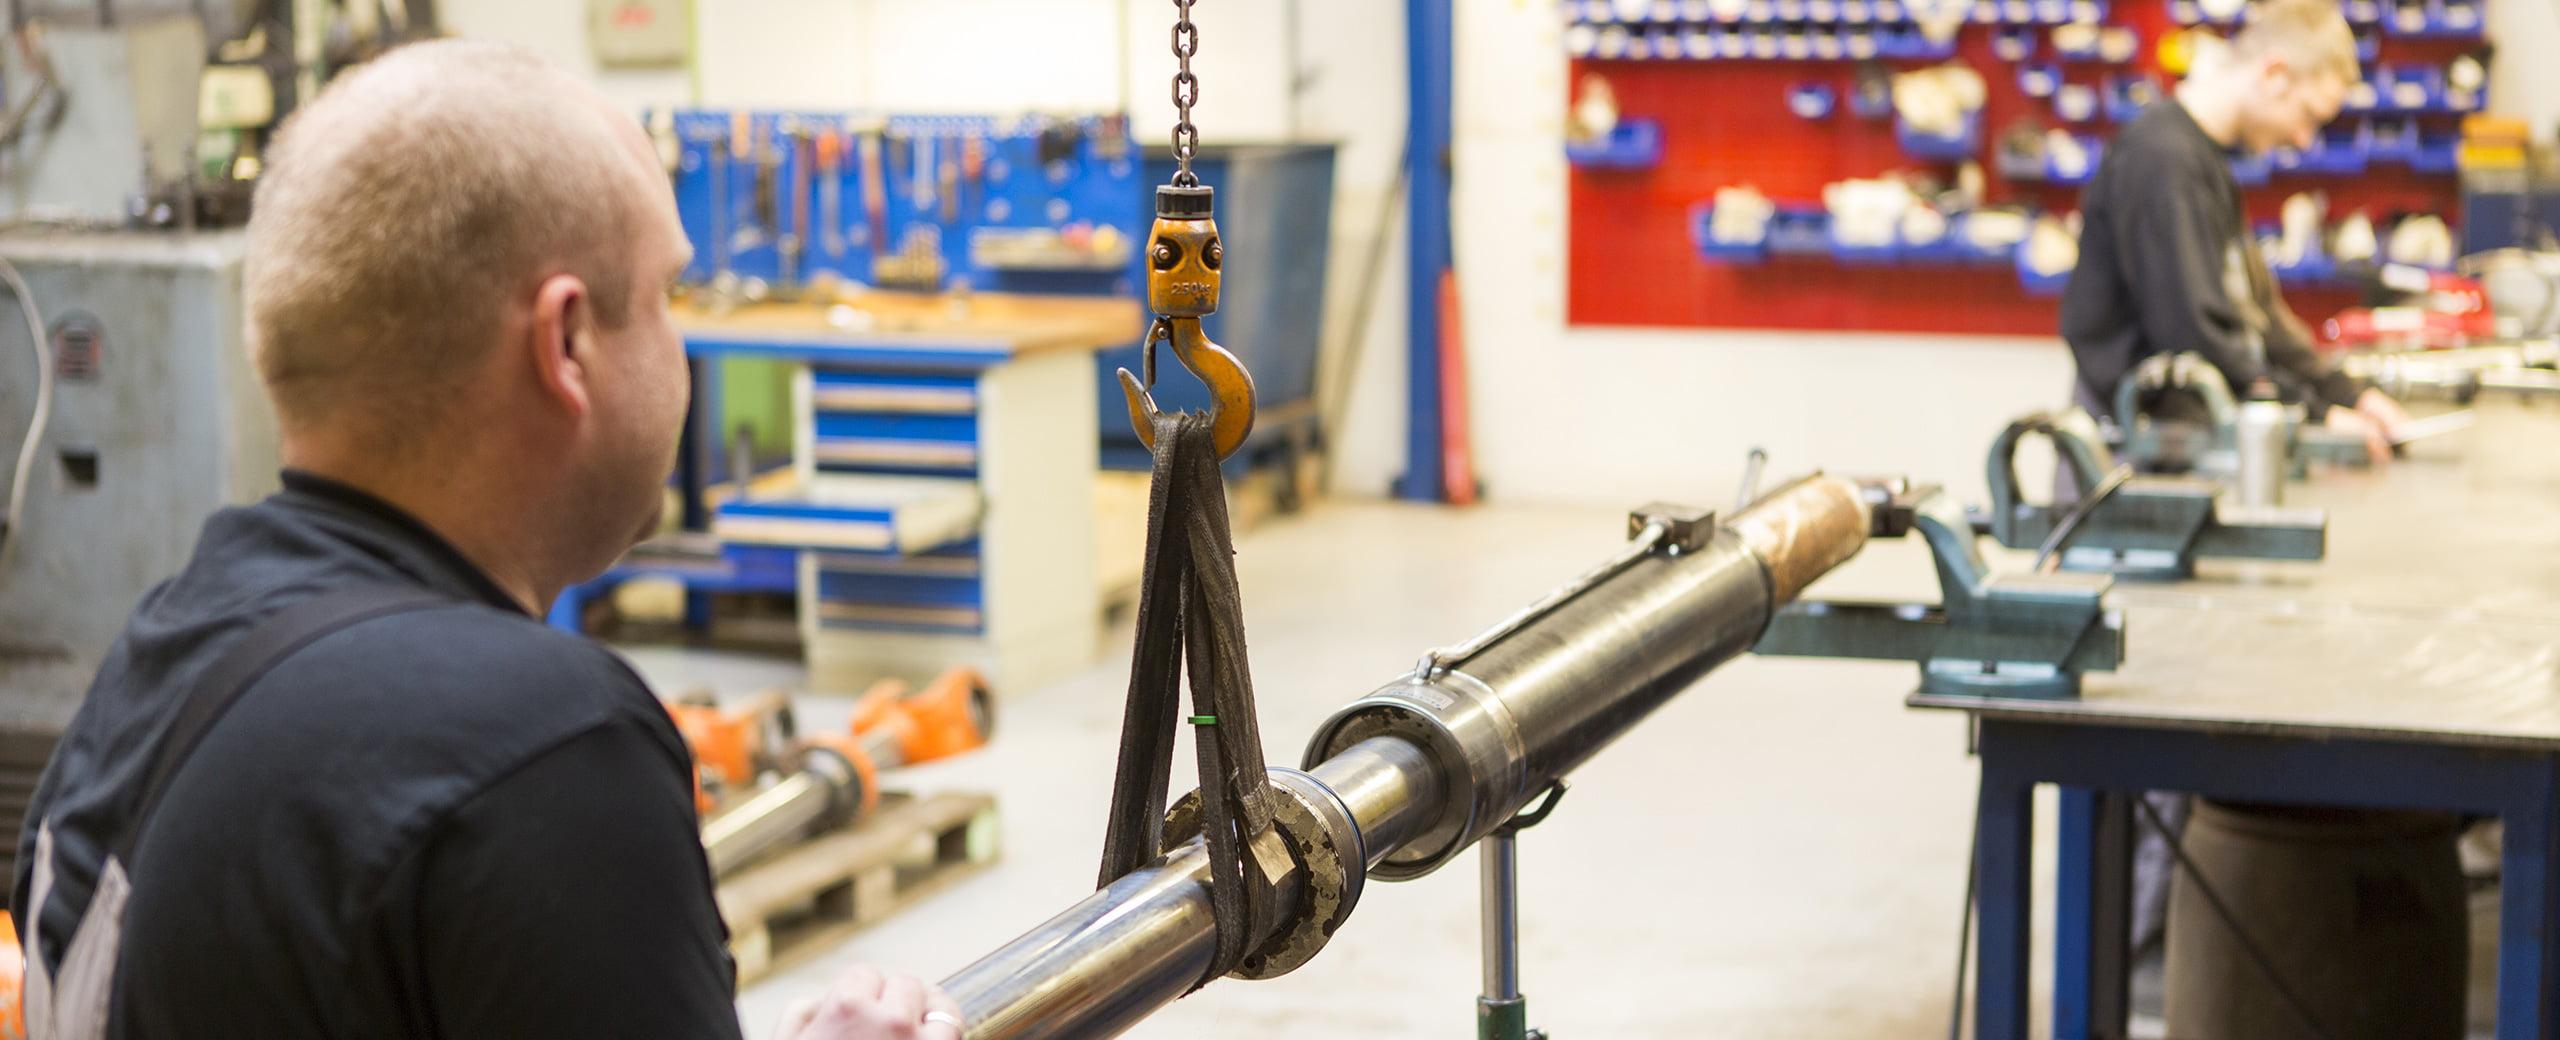 reparation af hydraulik cylinder